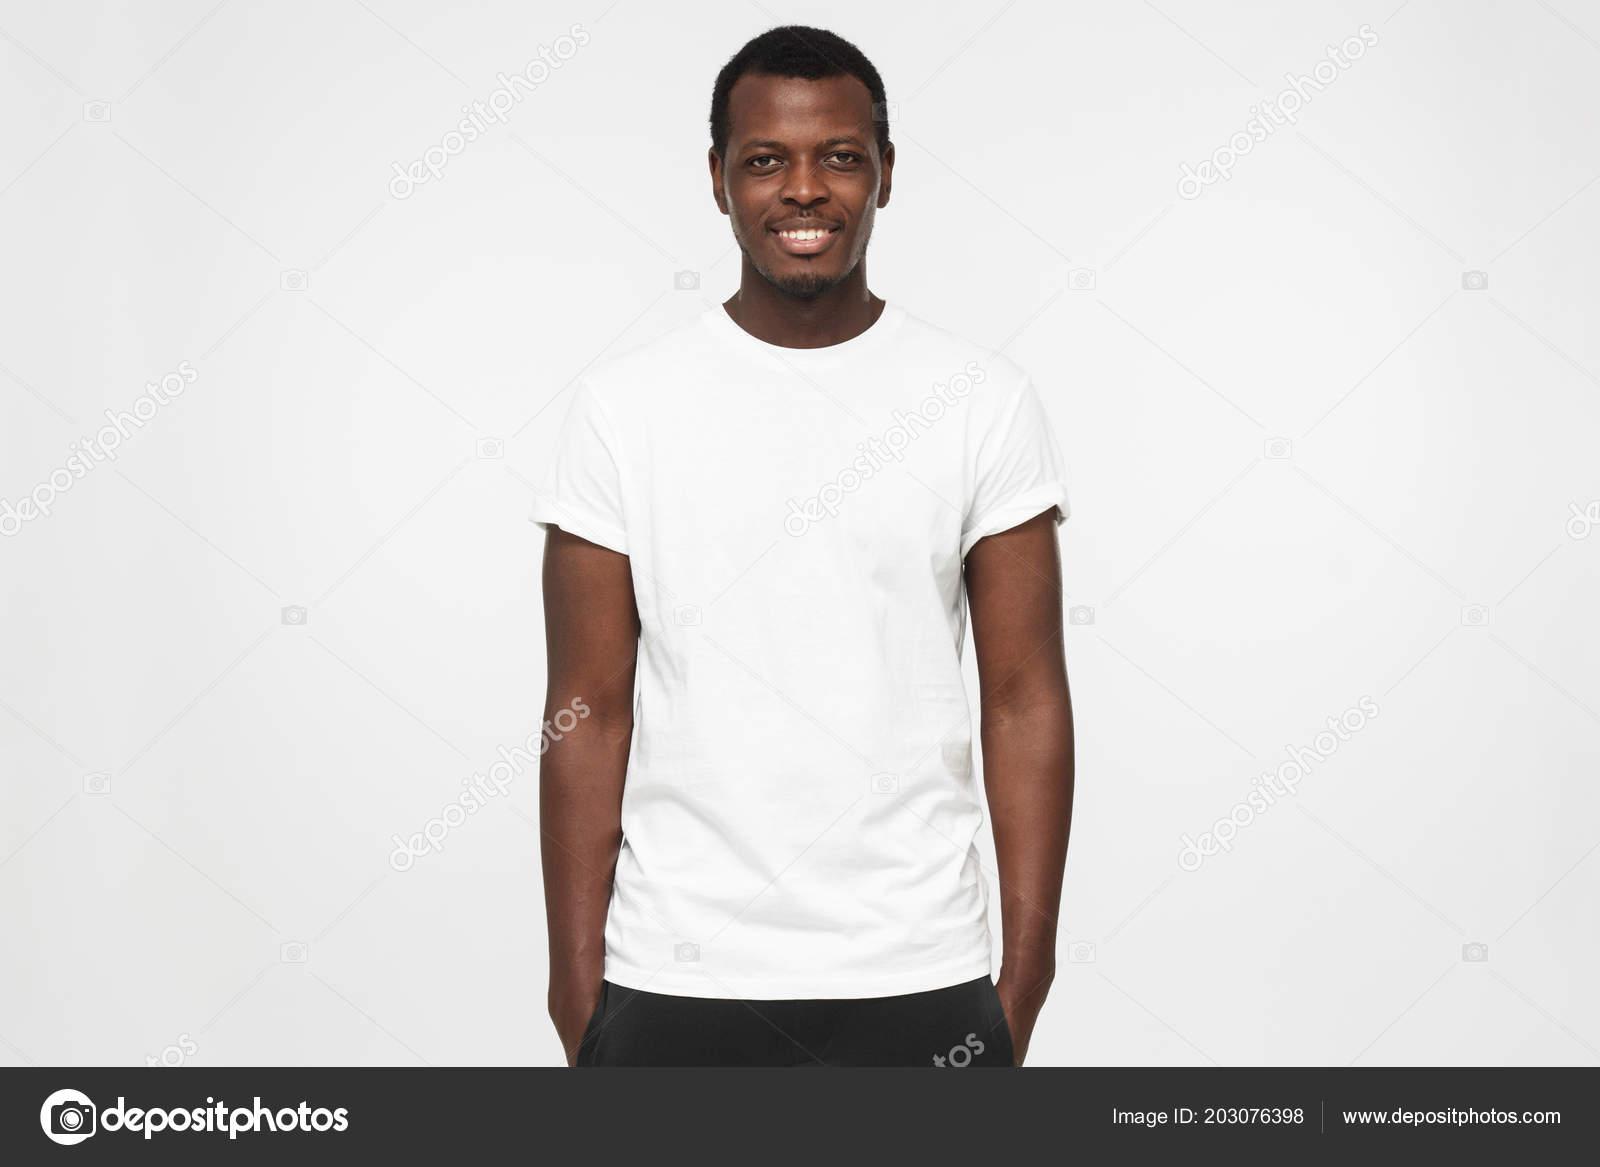 7a095562915b4 Joven Afroamericano Pie Con Las Manos Los Bolsillos Vistiendo Camiseta —  Foto de Stock